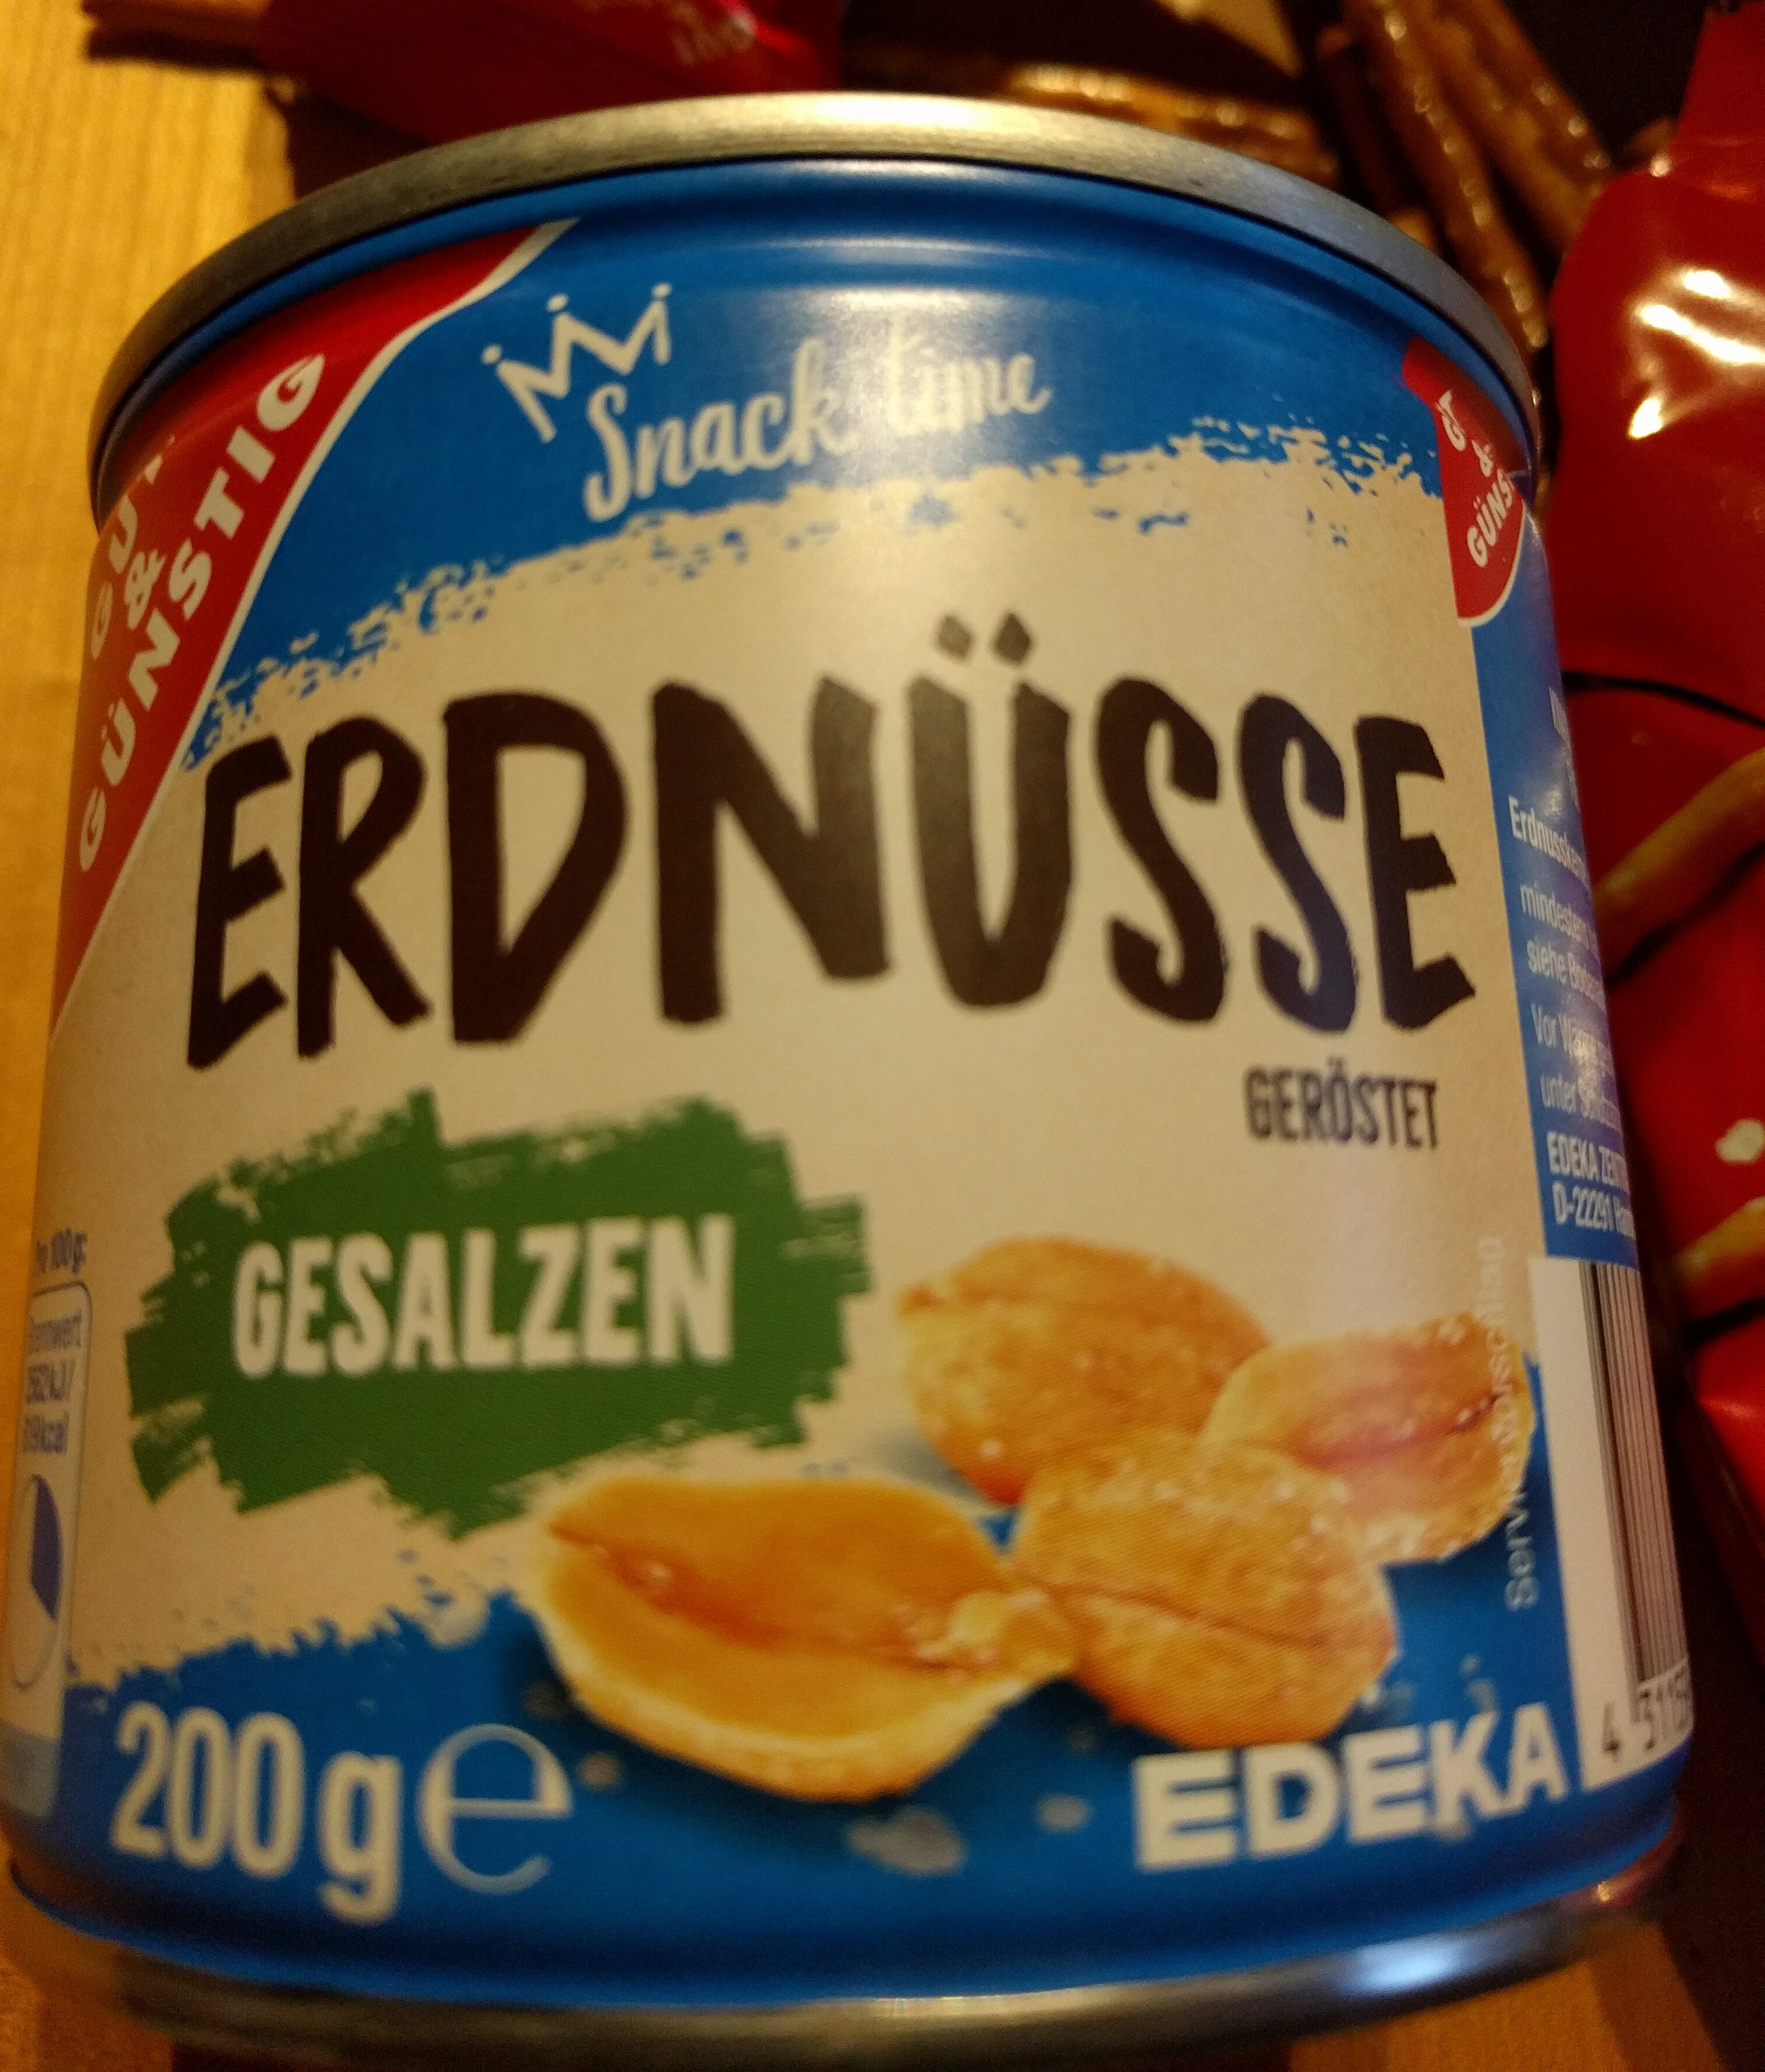 Erdnüsse gesalzen - Product - de